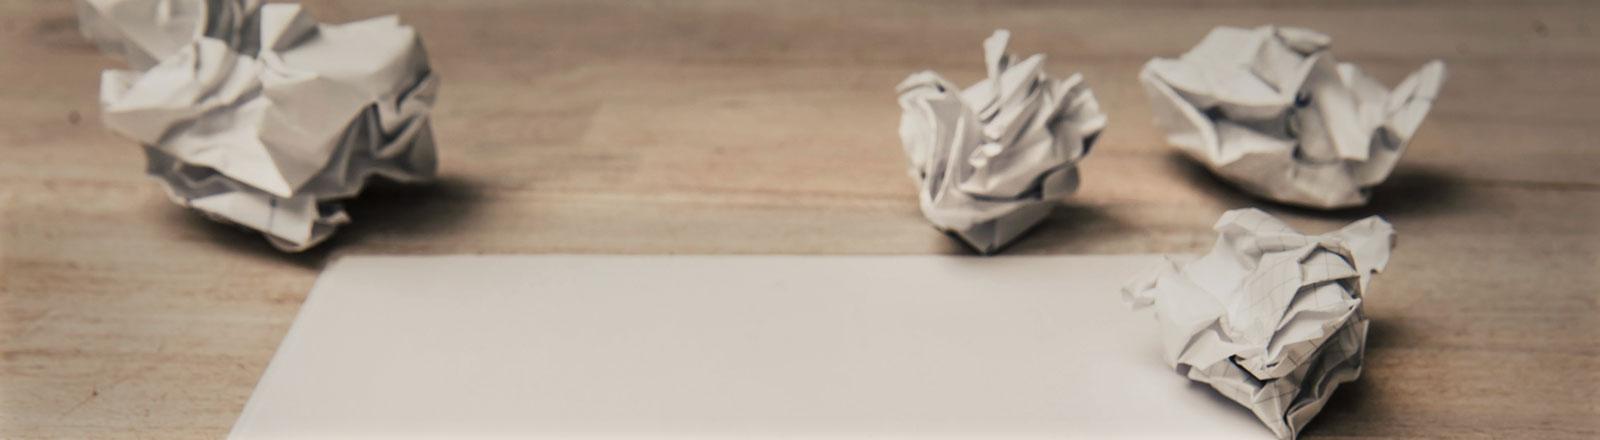 Auf einem Tisch liegt ein Blatt Papier, daneben ein paar zerknüllte Zettel.